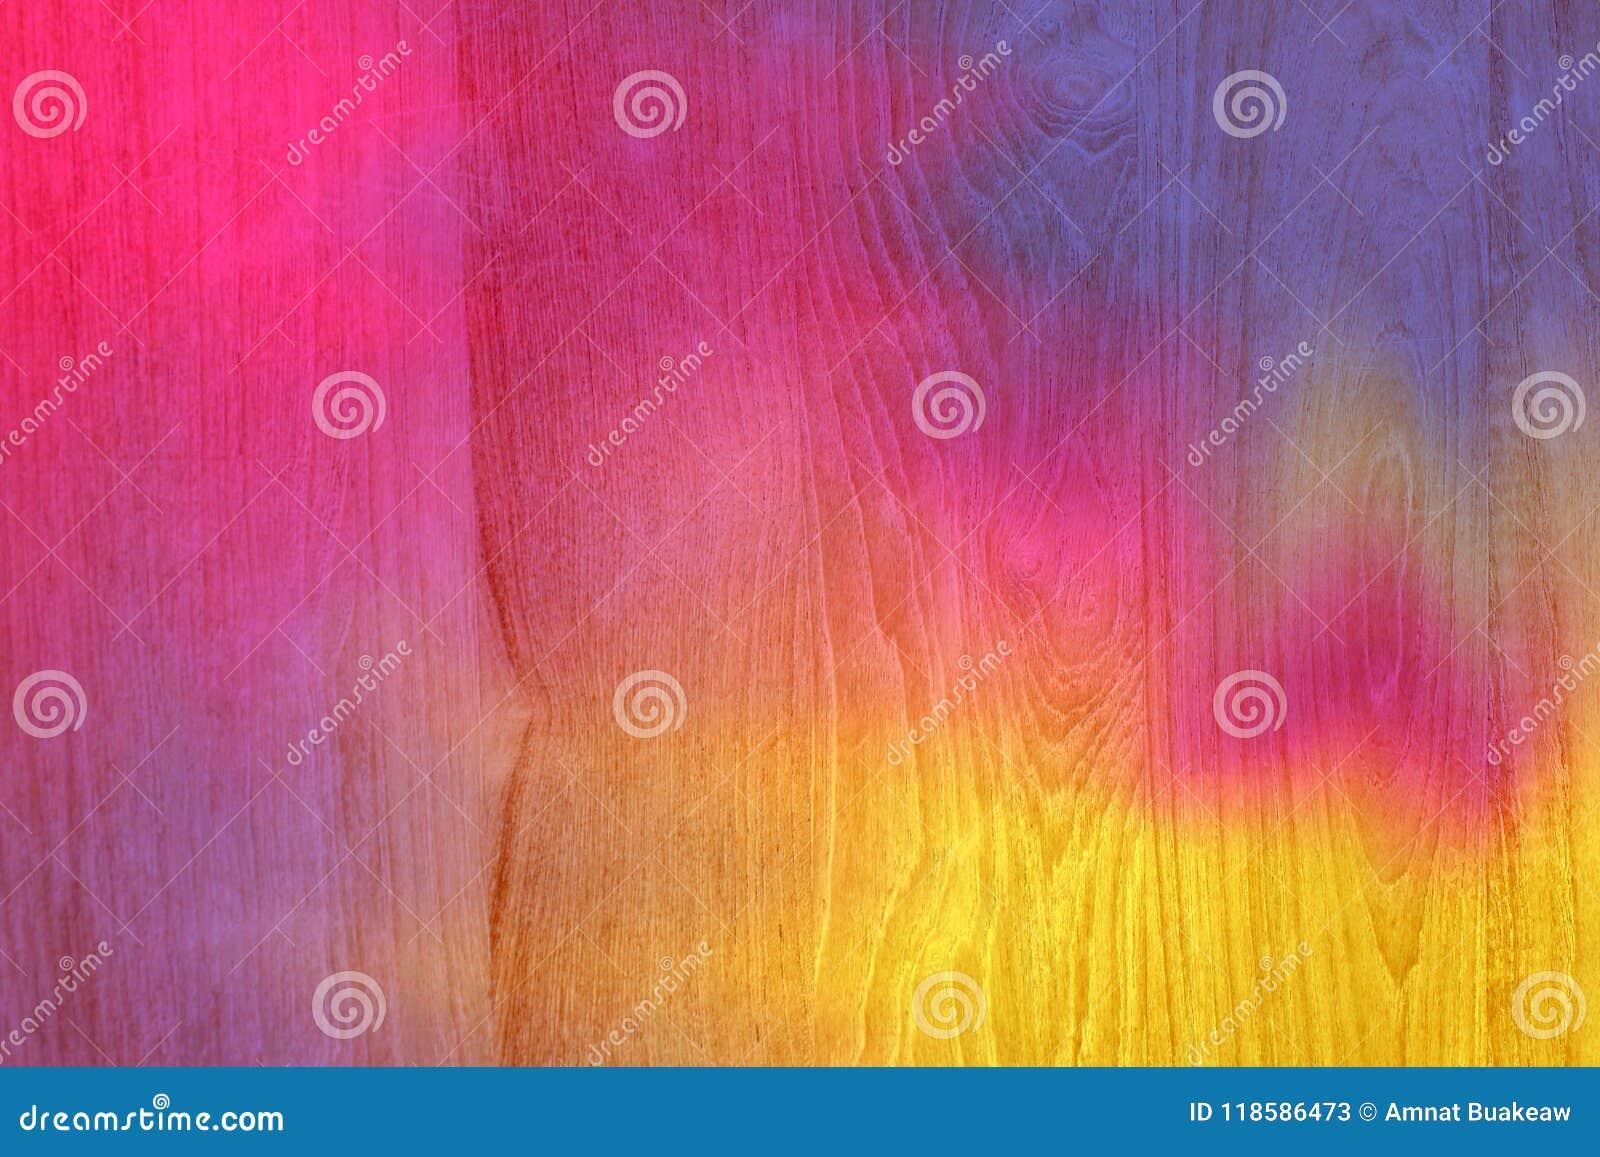 Les Planches En Bois Colorées De Rose Et De Jaune Ont Fendu Le Fond